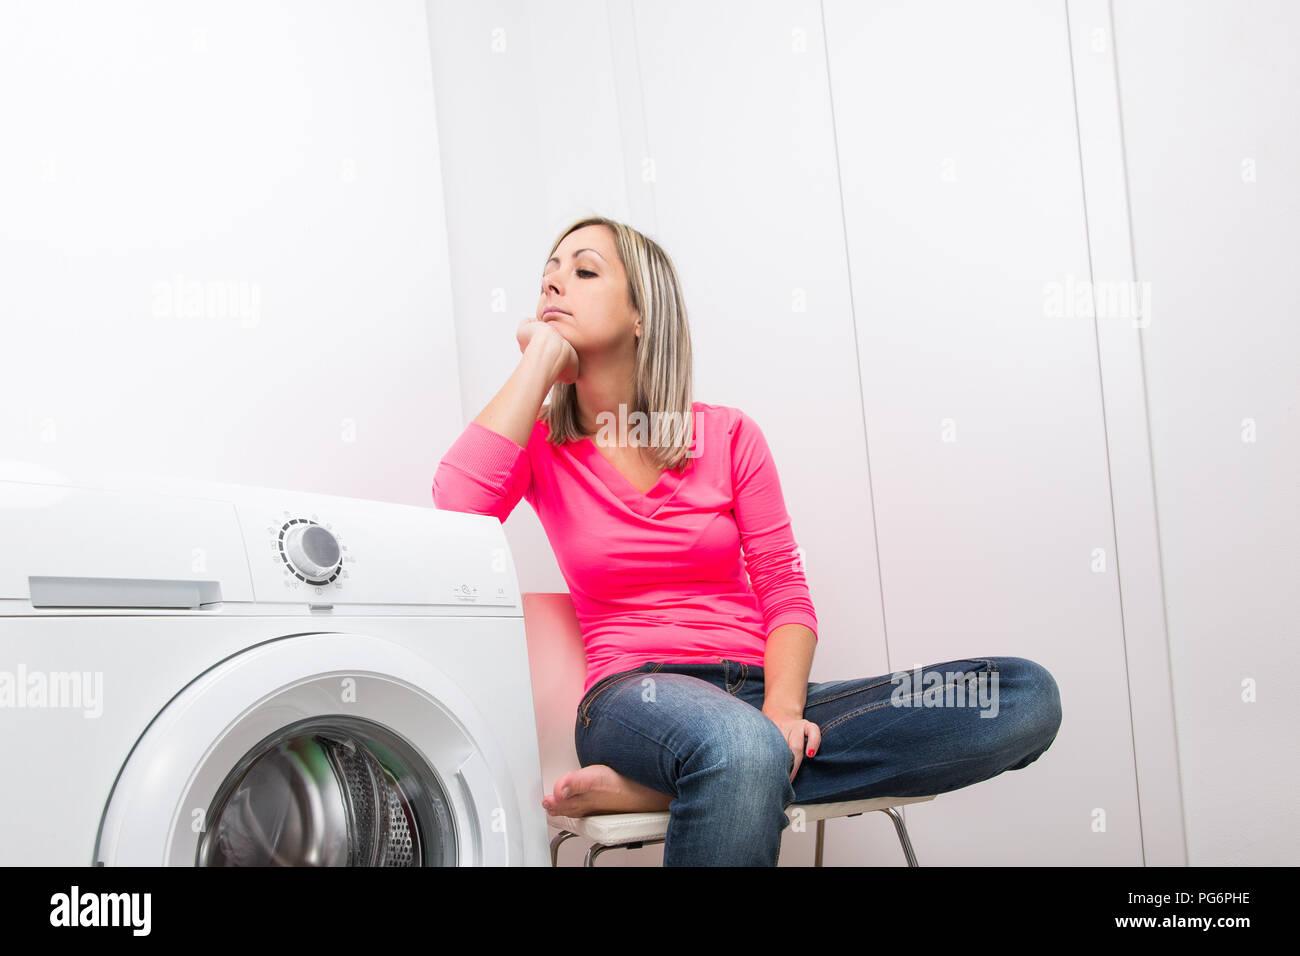 8a029fd94 Los quehaceres domésticos: joven lavando ropa - esperando el programa de  lavado a fin, impaciente por tener su ropa lavada, seca y lista para usar  ...